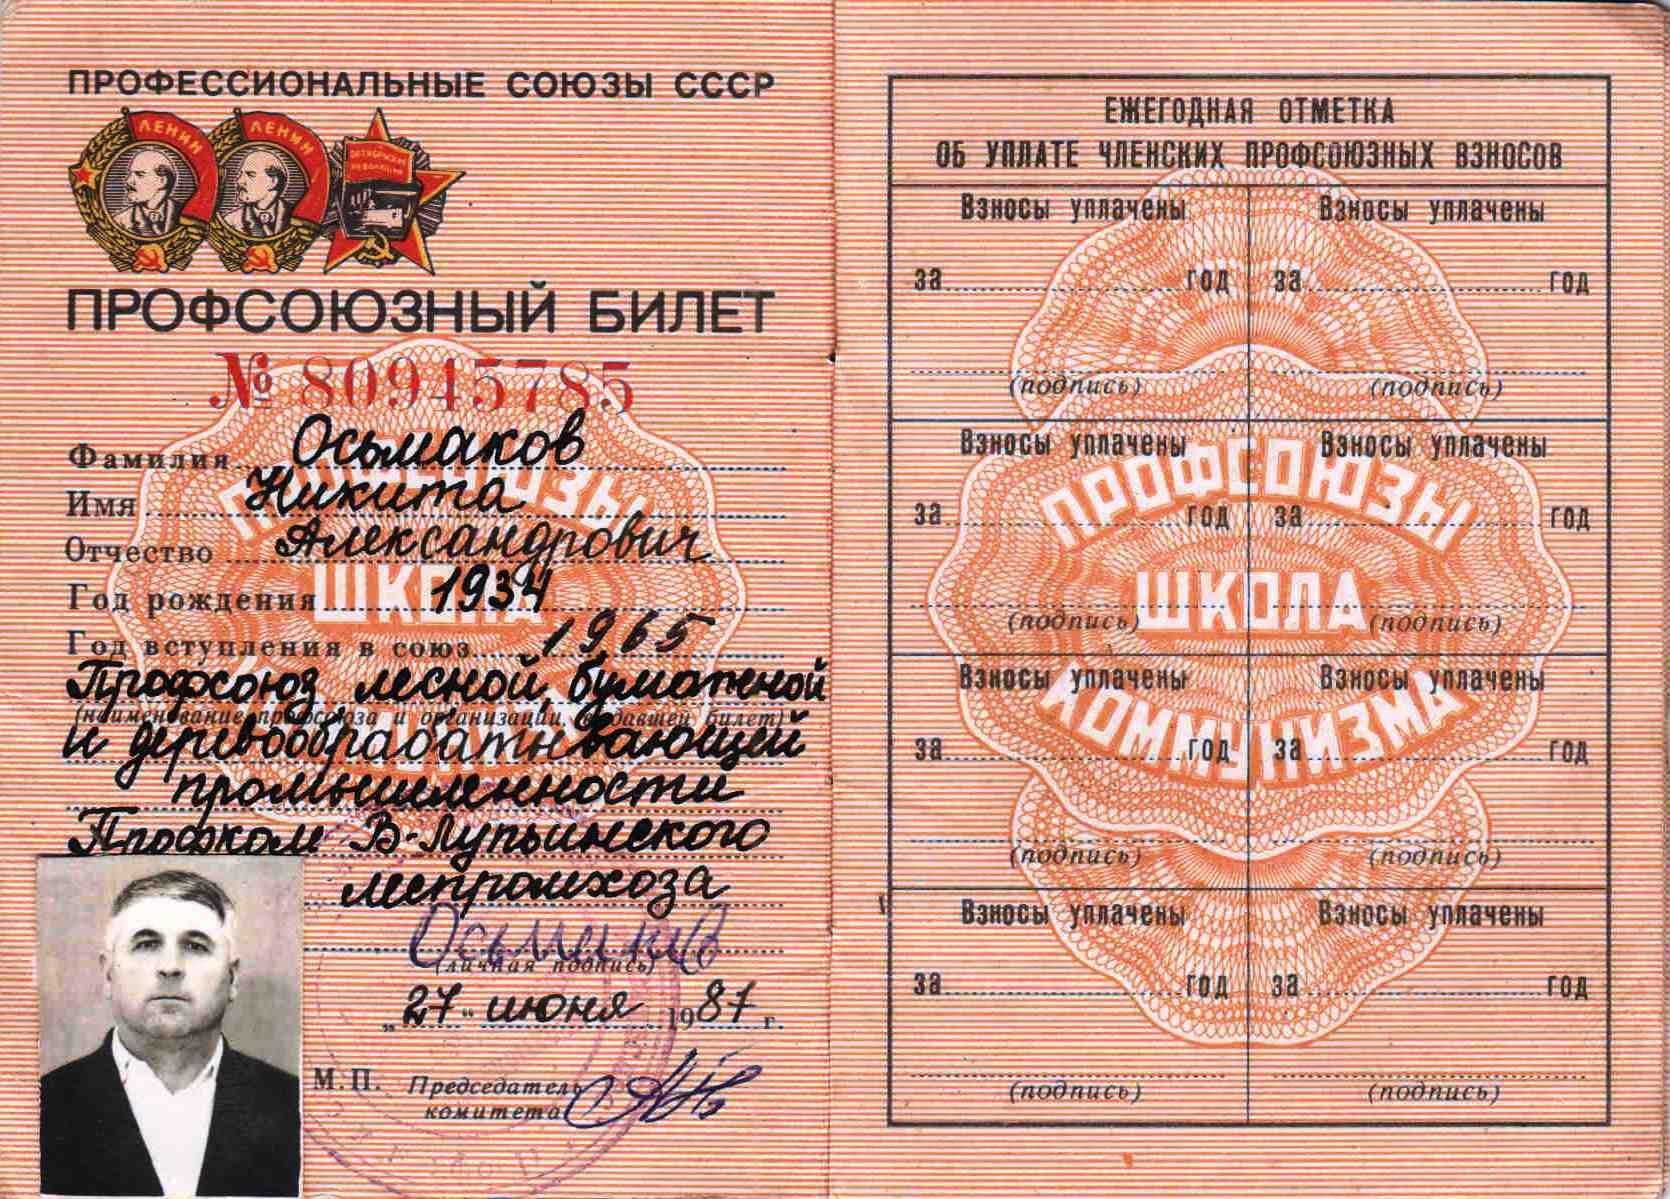 70. Профсоюзный билет, 1987